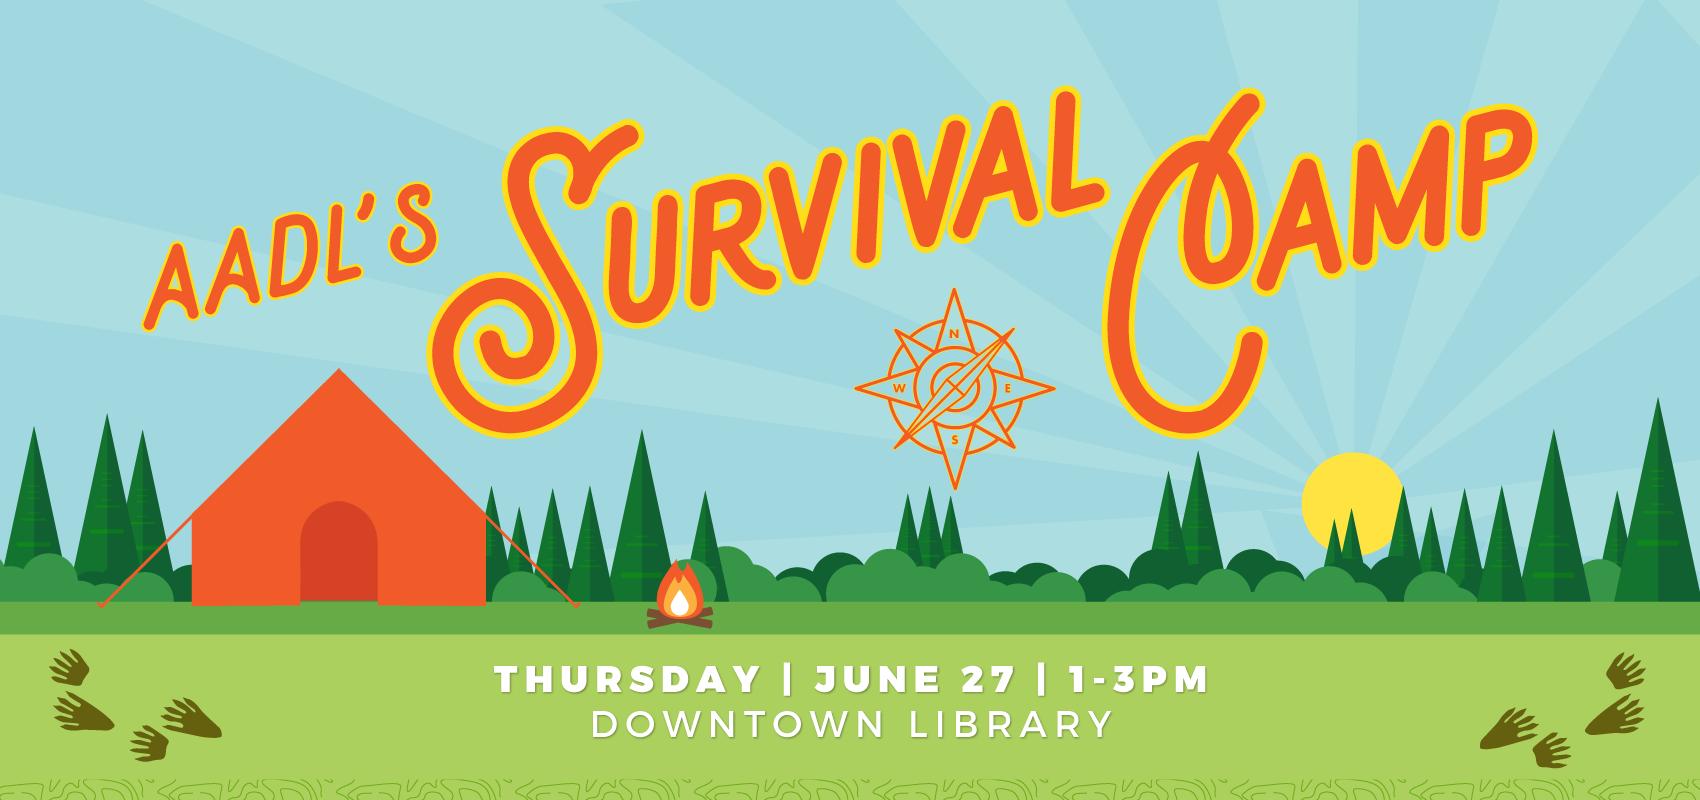 Survival Camp - Thursday June 27. .